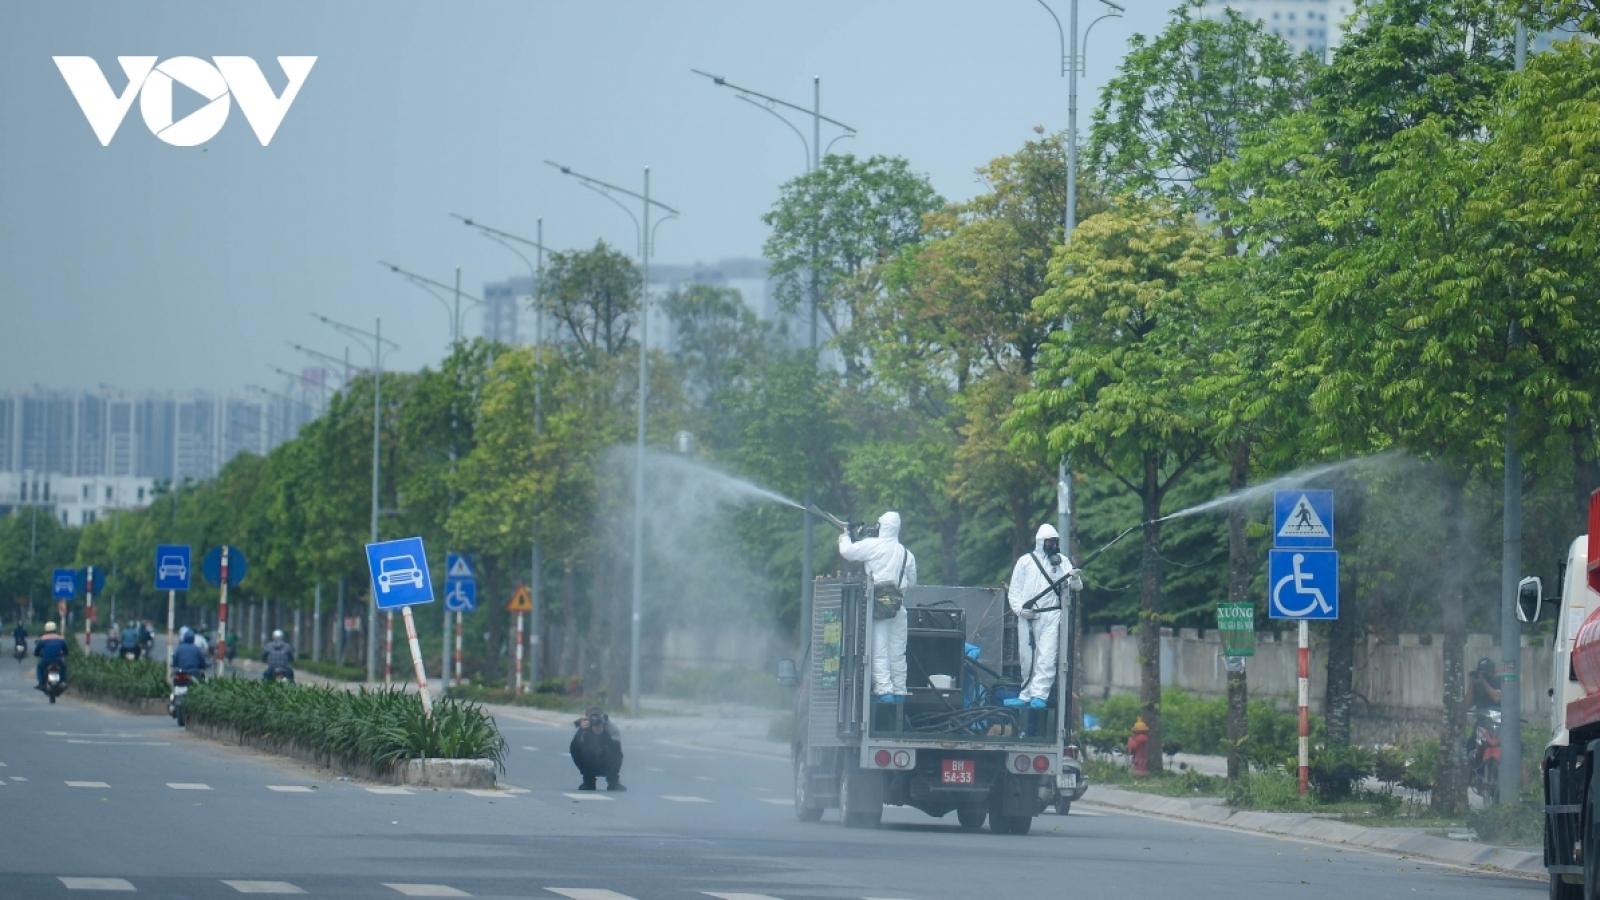 Hà Nội rà soát người đến Bệnh viện K, cơ sở Tân Triều từ 16/4-7/5.